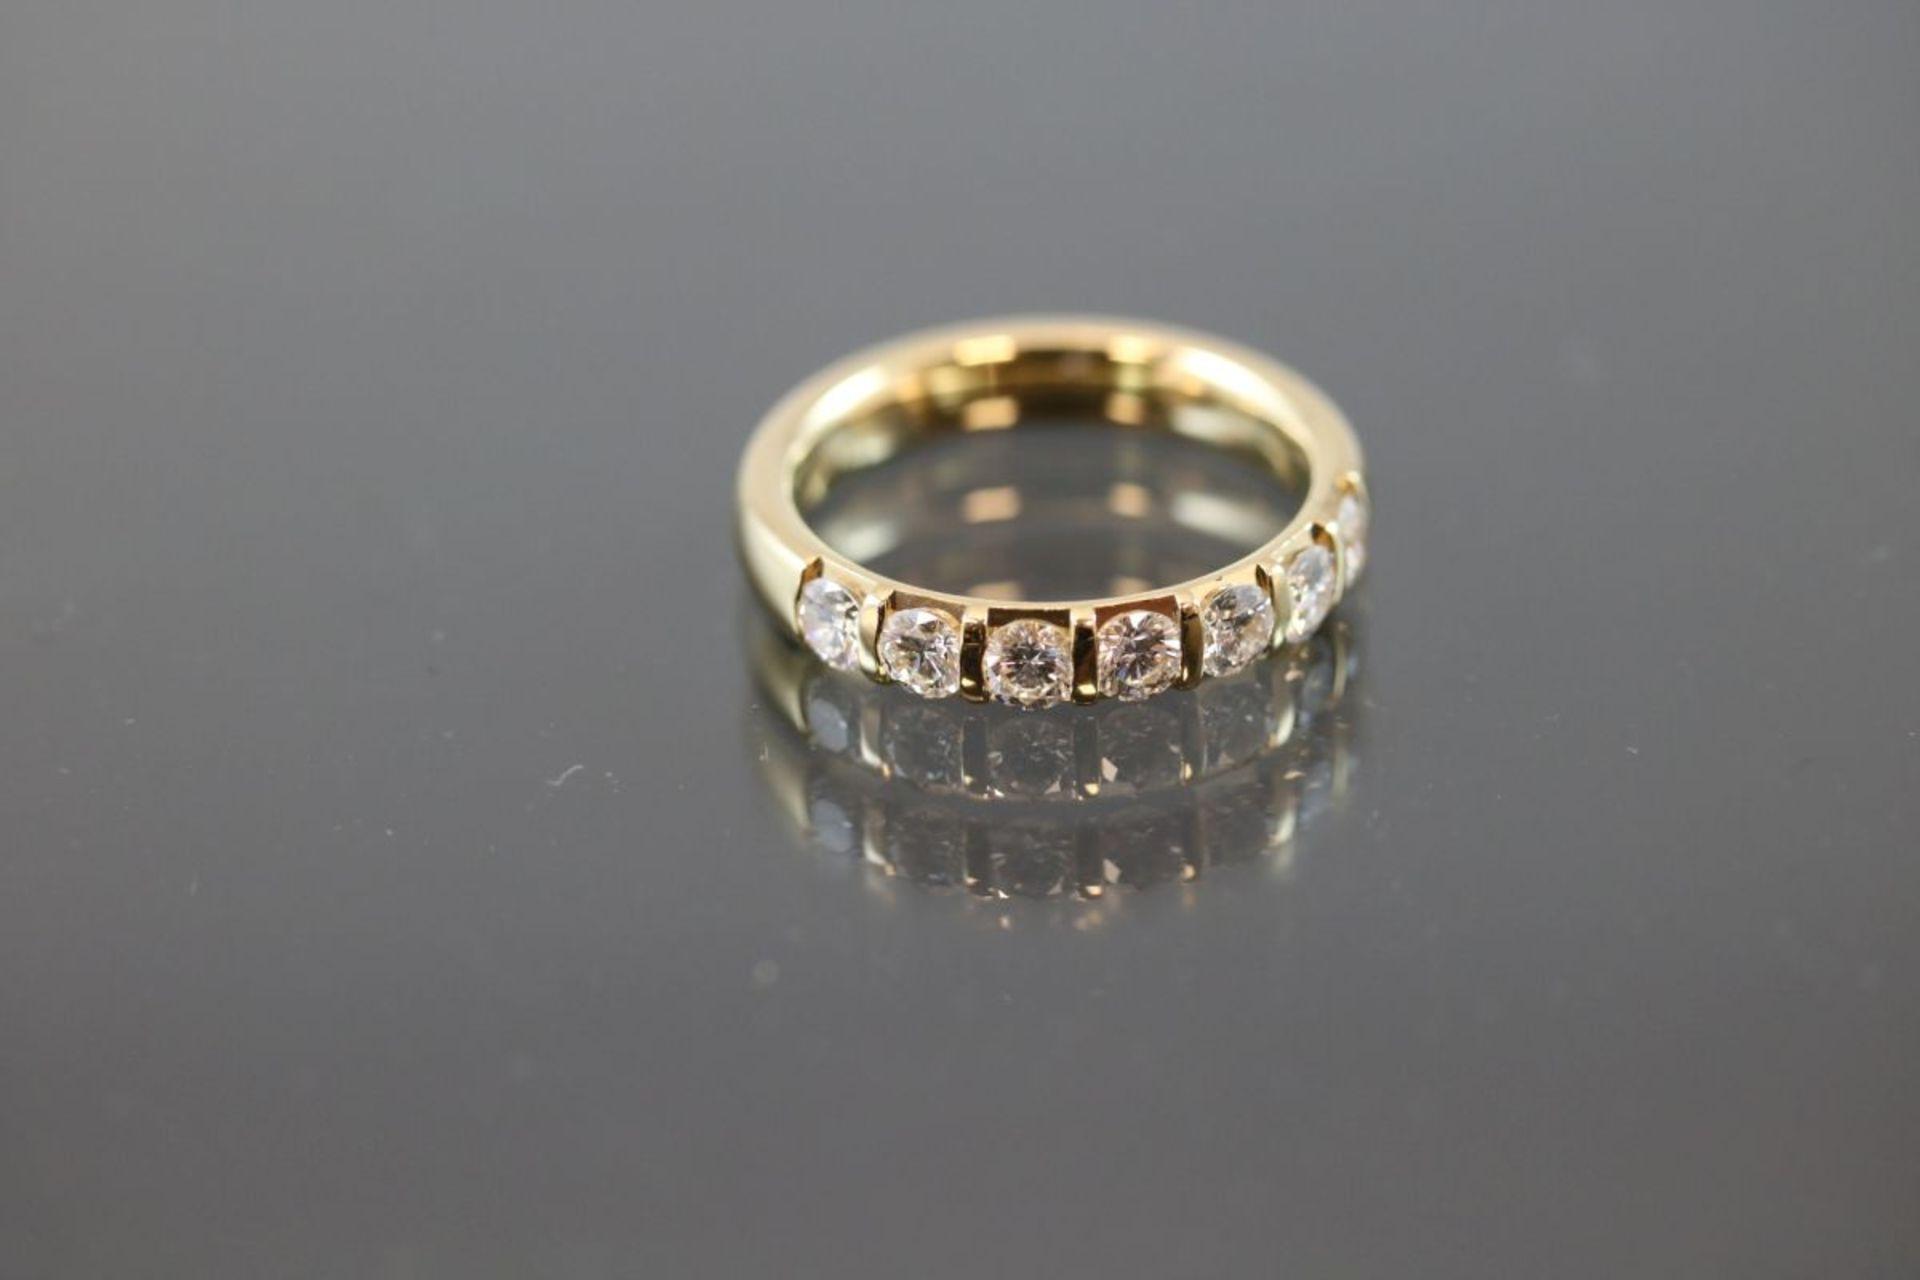 Brillant-Ring, 750 Gold6 Gramm 7 Brillanten, 0,98 ct., tw/vsi. Ringgröße: 55Schätzpreis: 3500,-